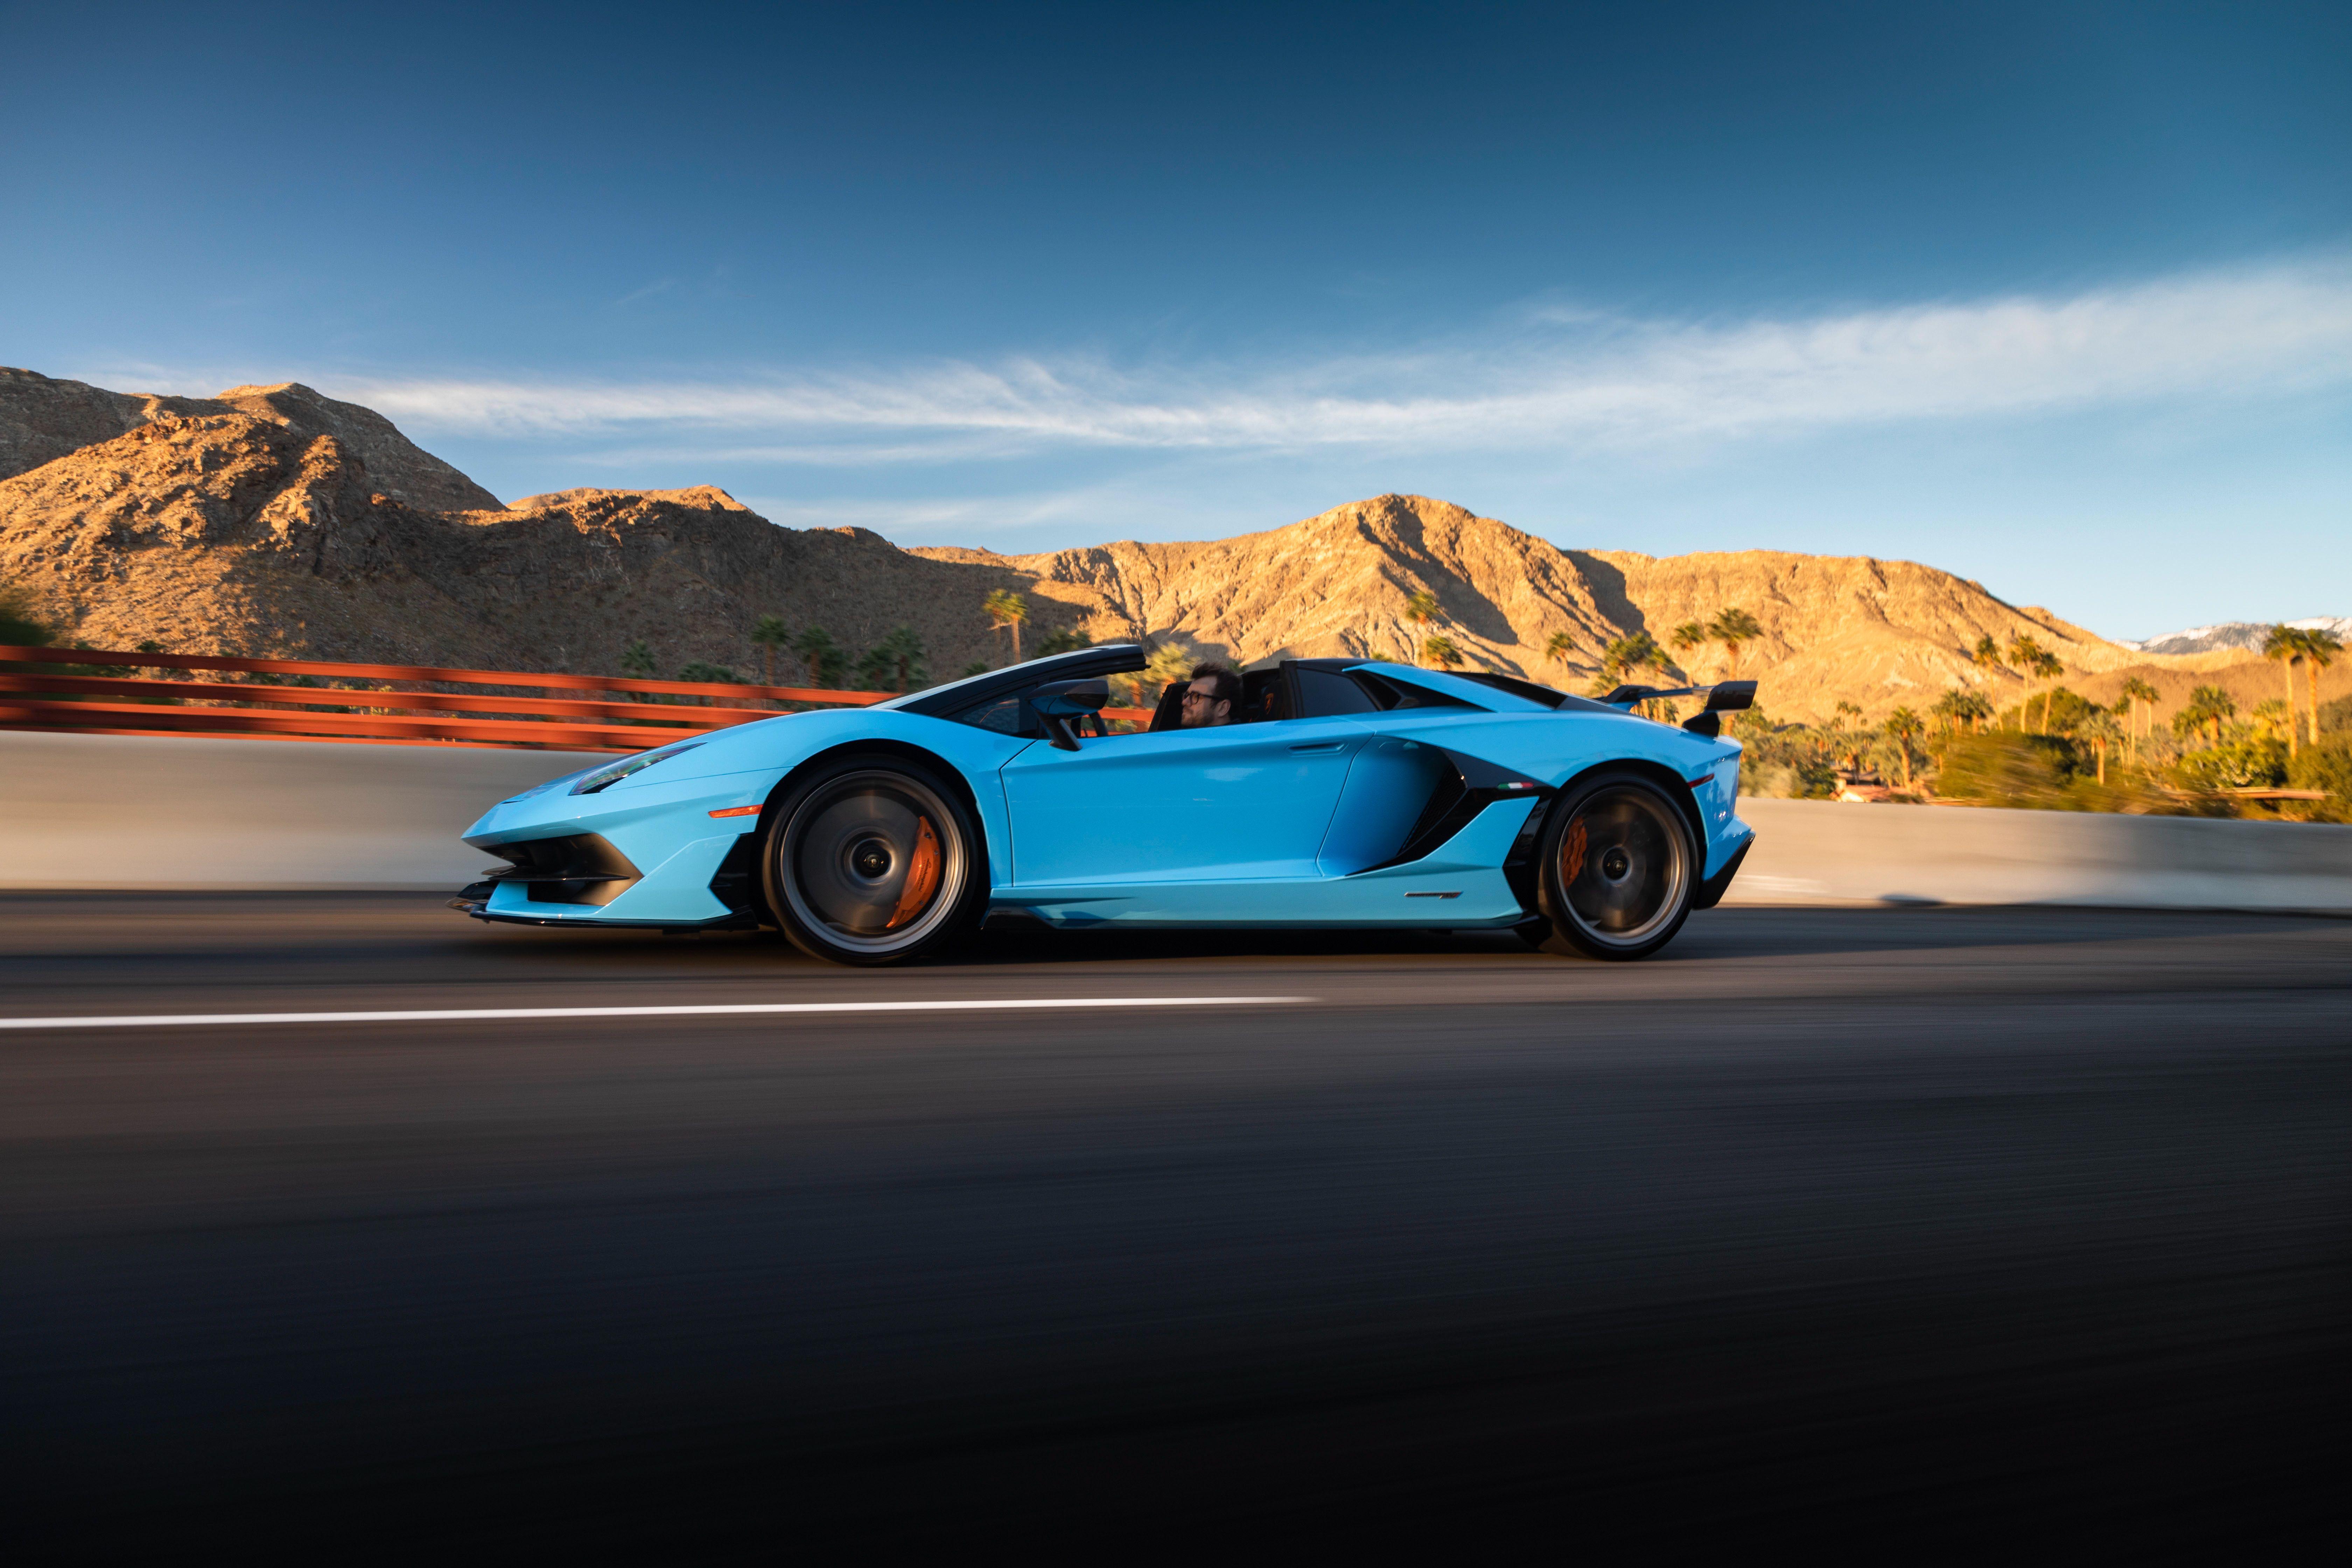 2020 Lamborghini Aventador SVJ Roadster Revels in Pure V,12